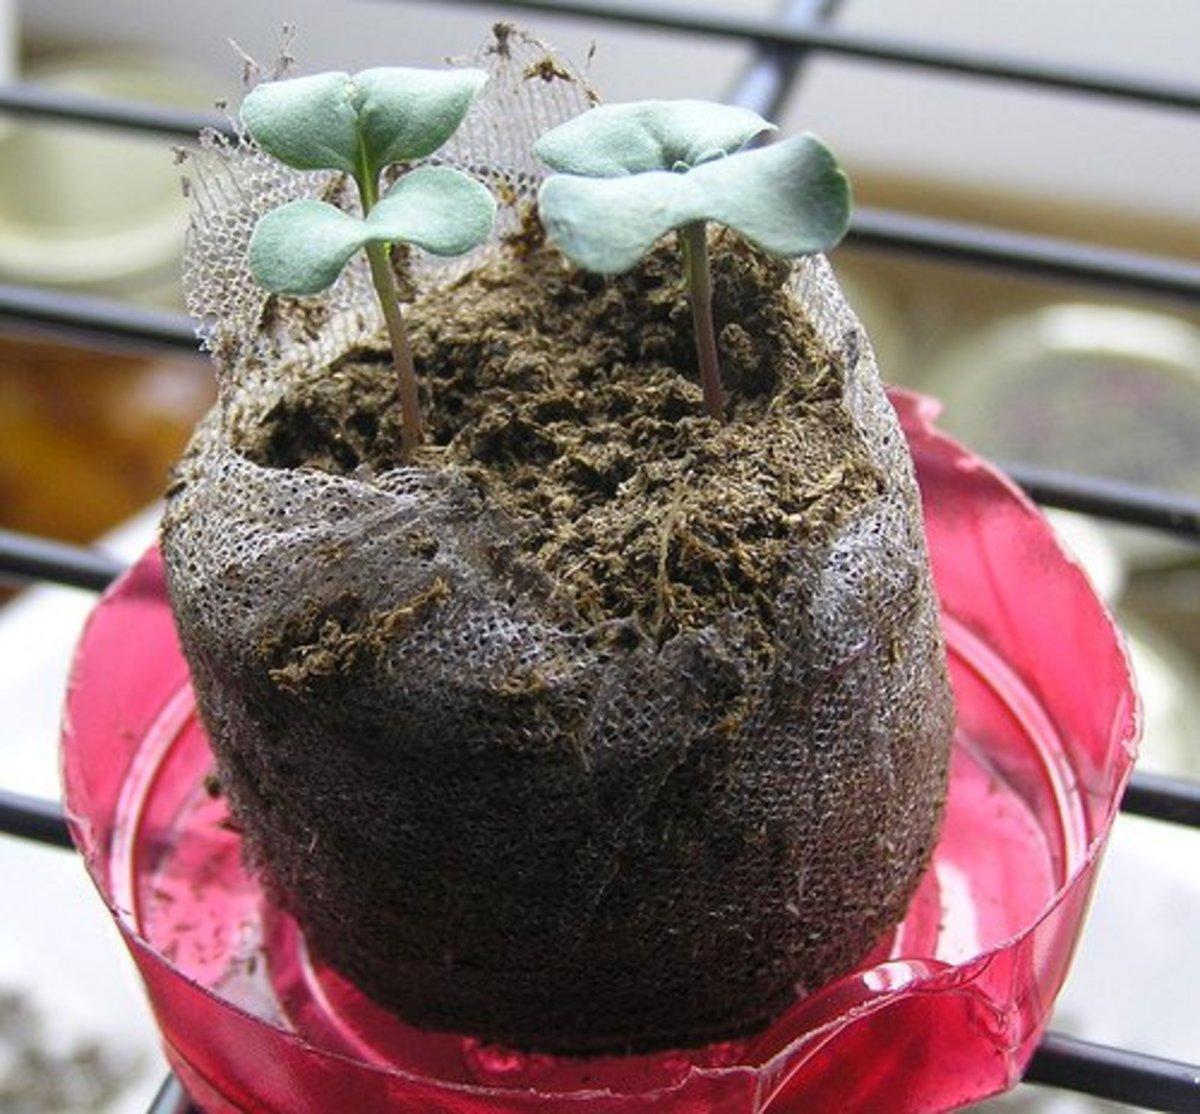 Broccoli seedlings in a starter pot.